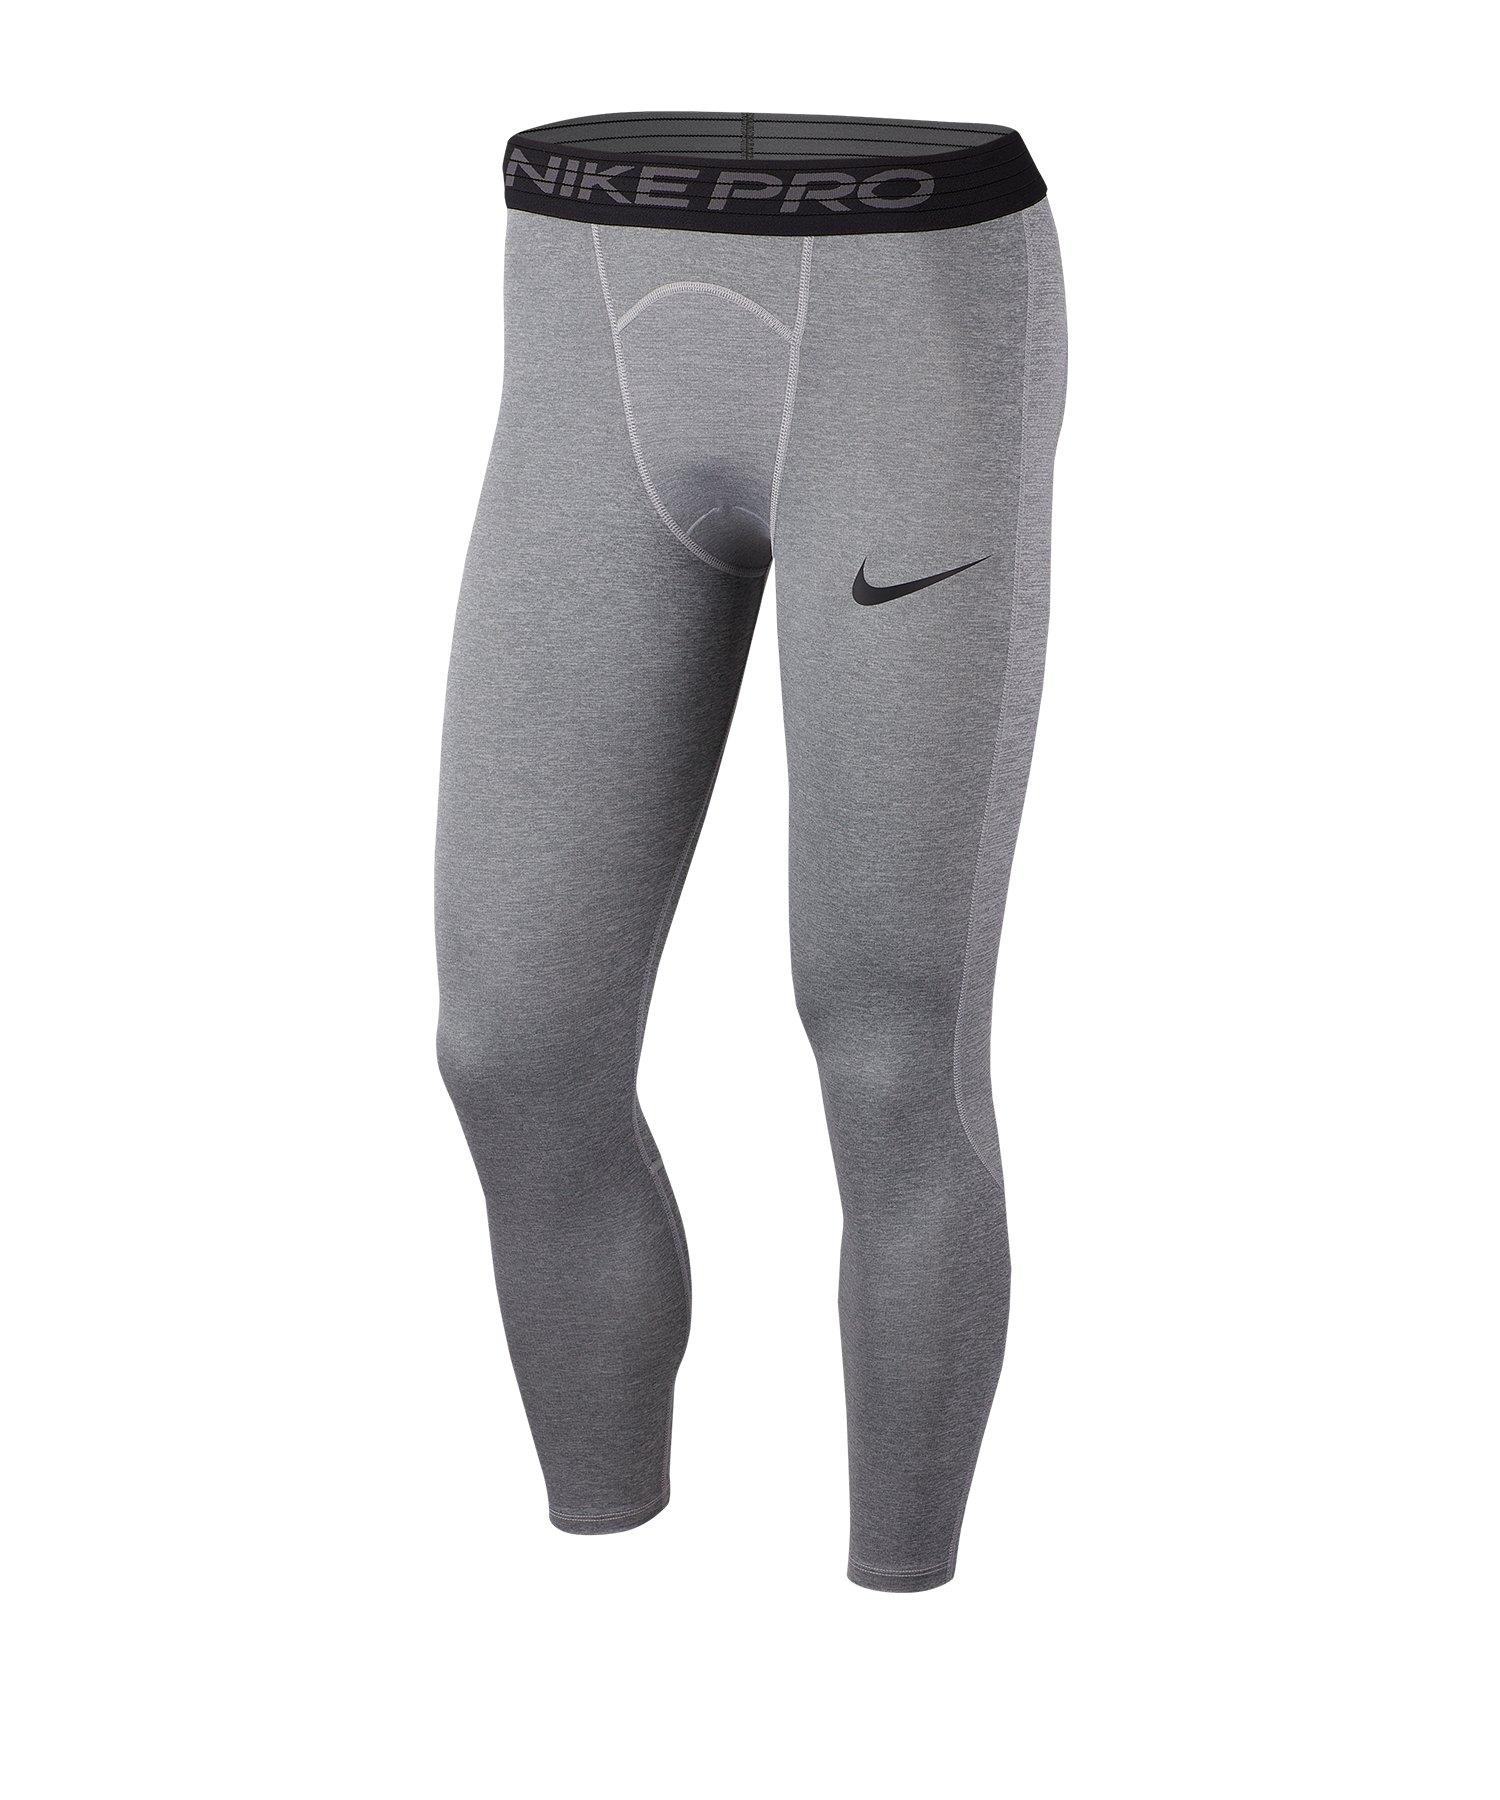 Nike Pro 3/4 Tights Grau F085 - grau